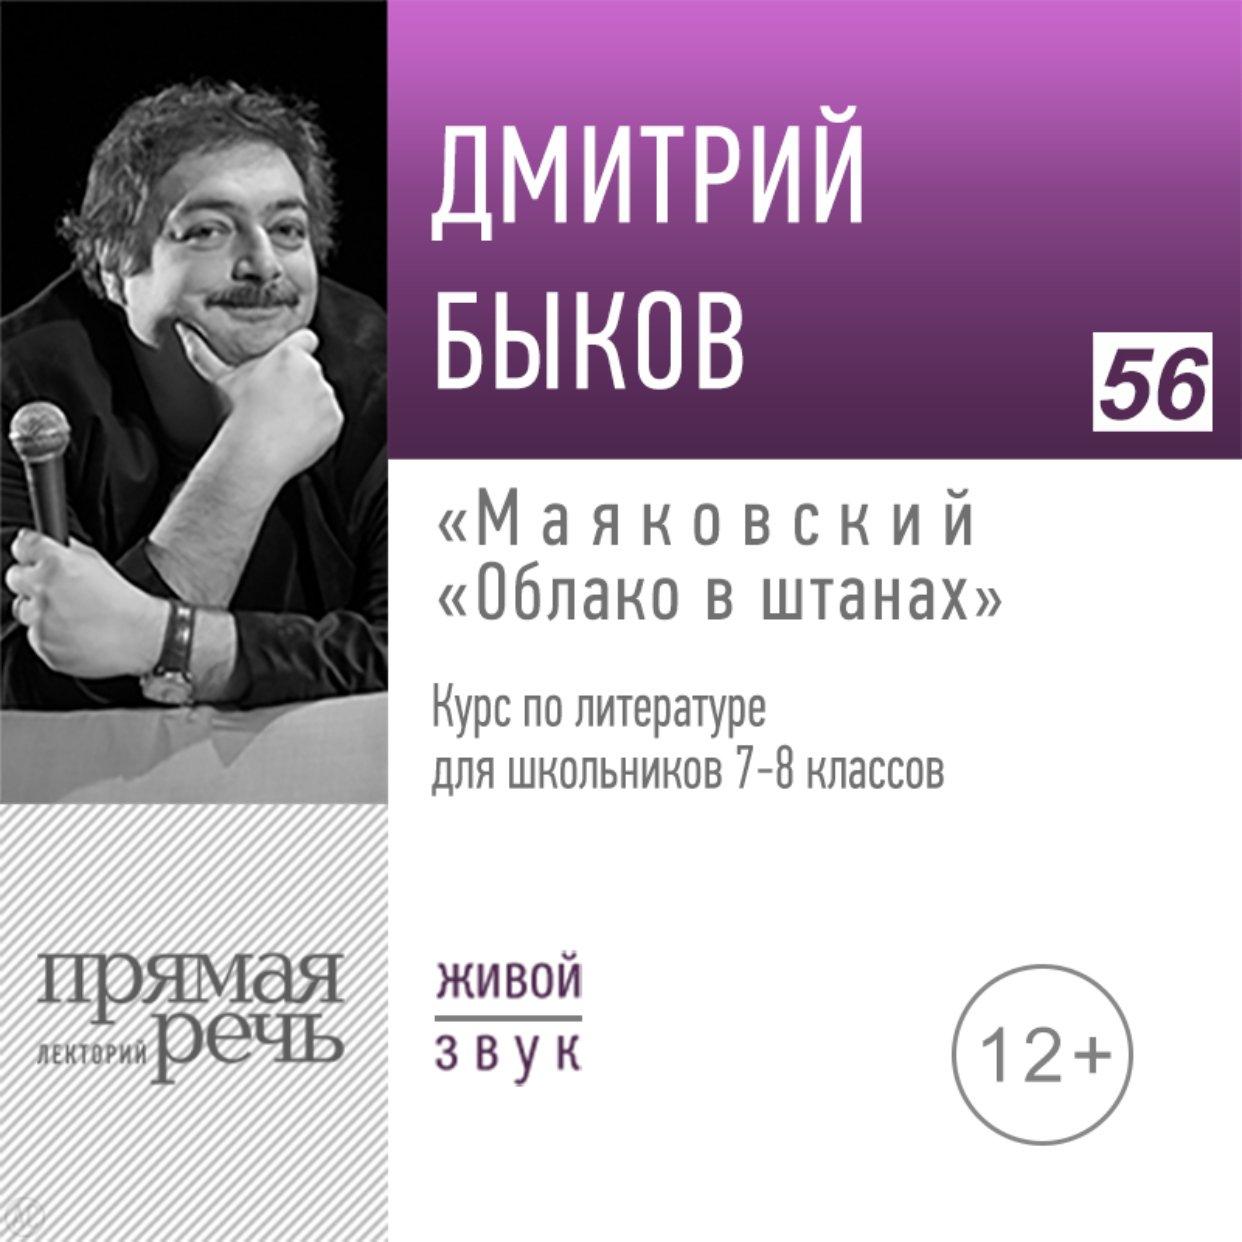 Маяковский «Облако в штанах». Литература. 7-8 класс